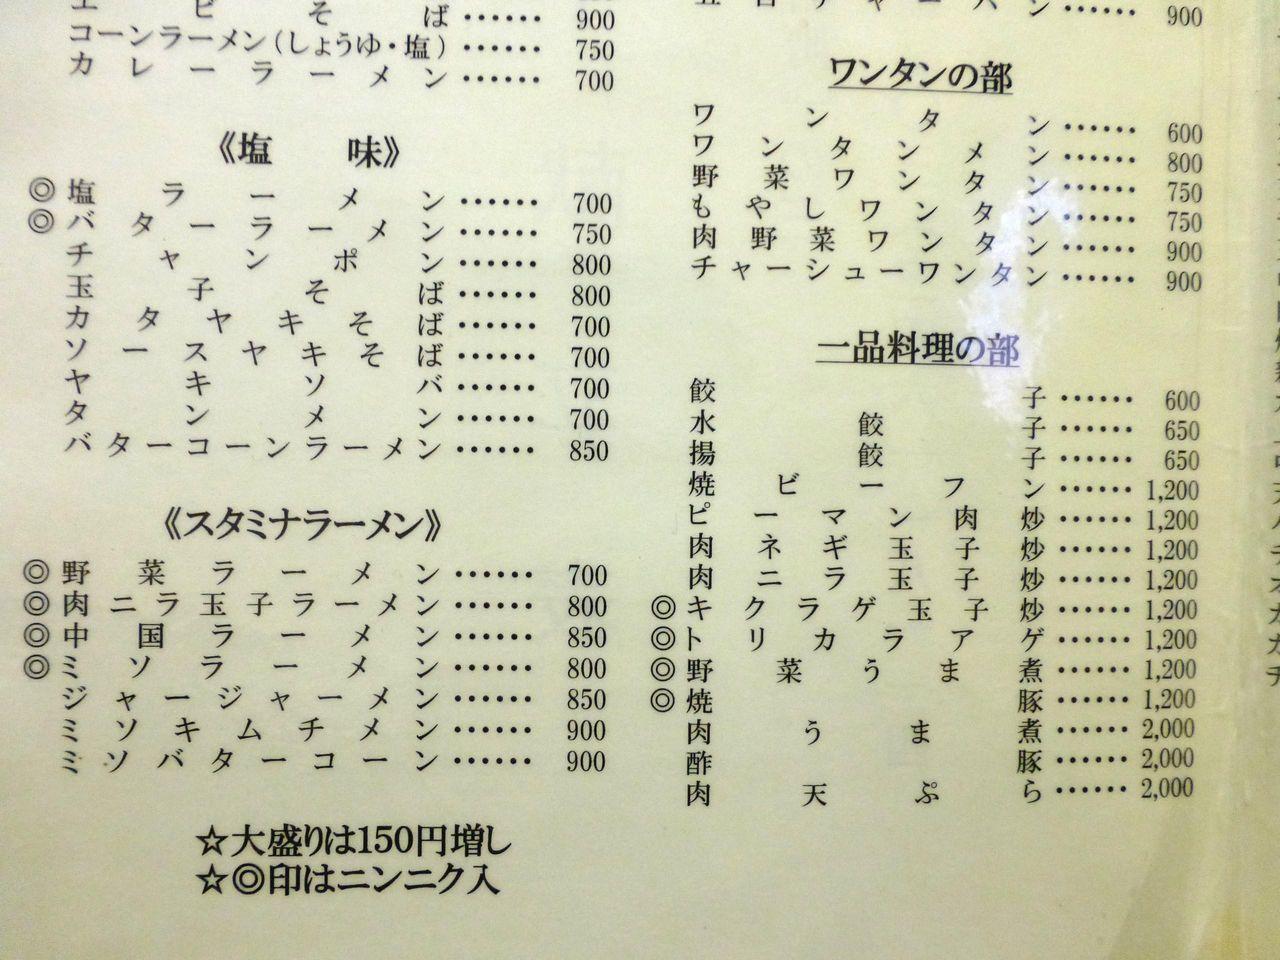 仙台やのメニュー(25年11月現在)